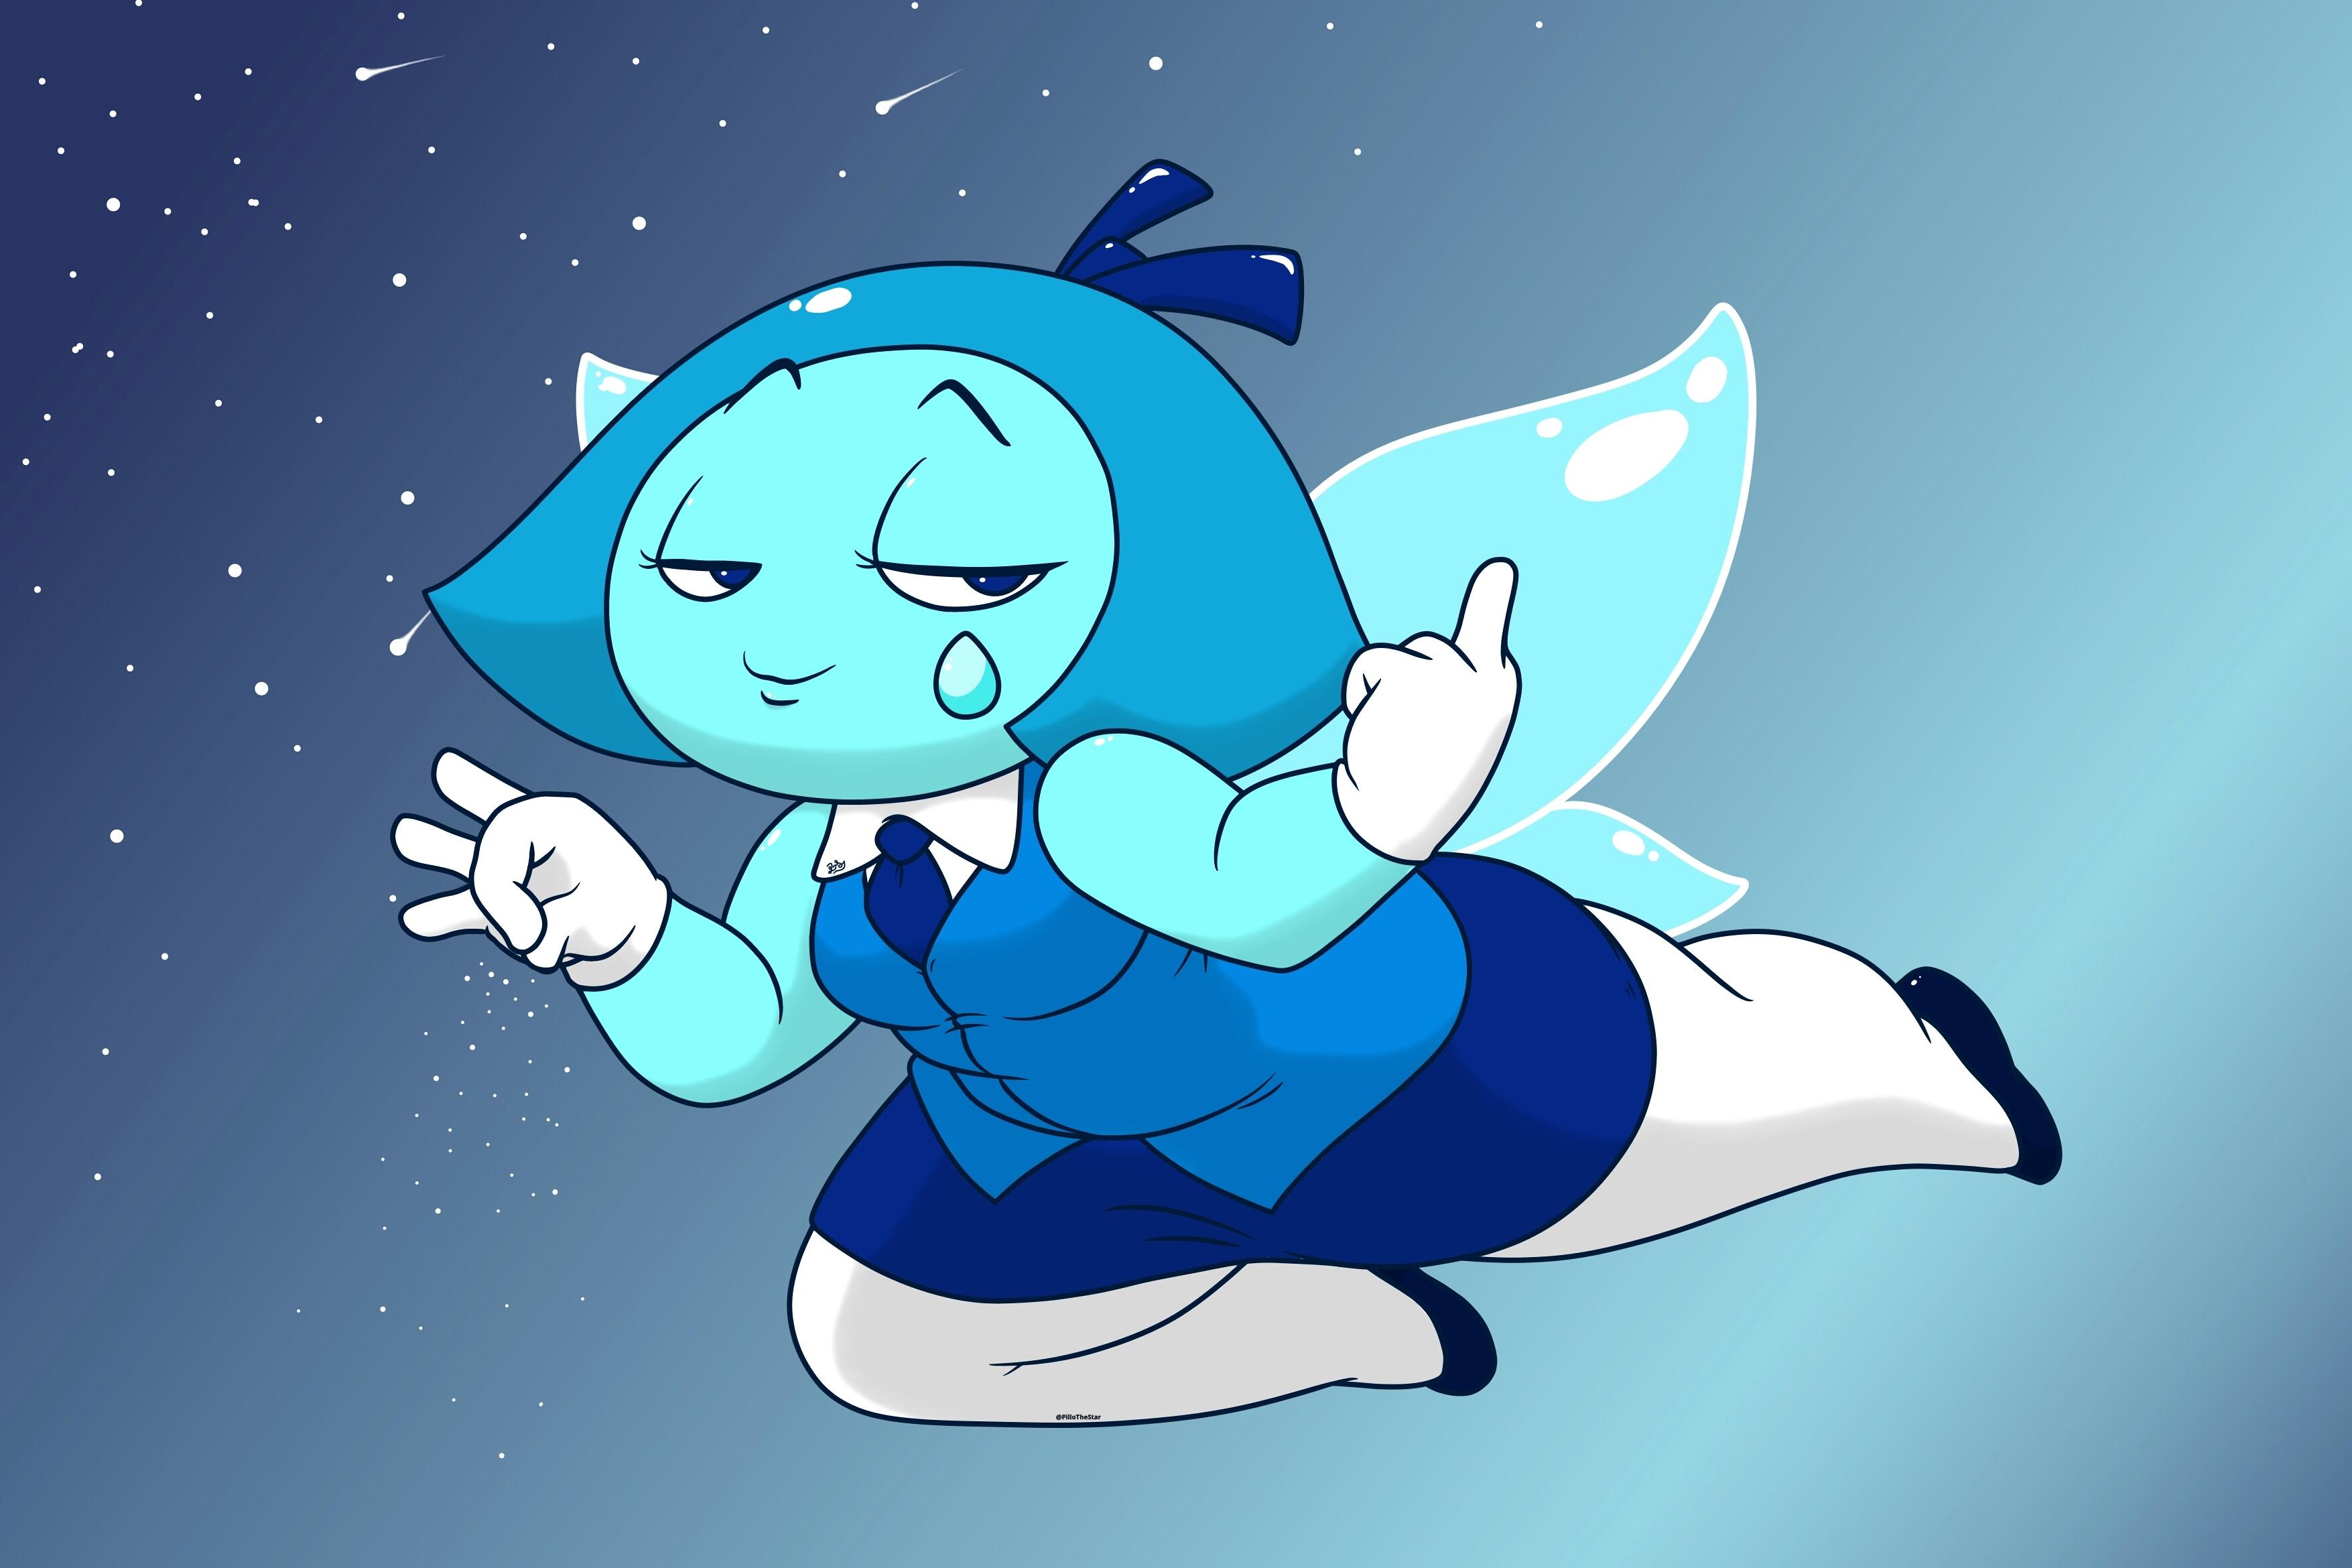 The Salt Fairy